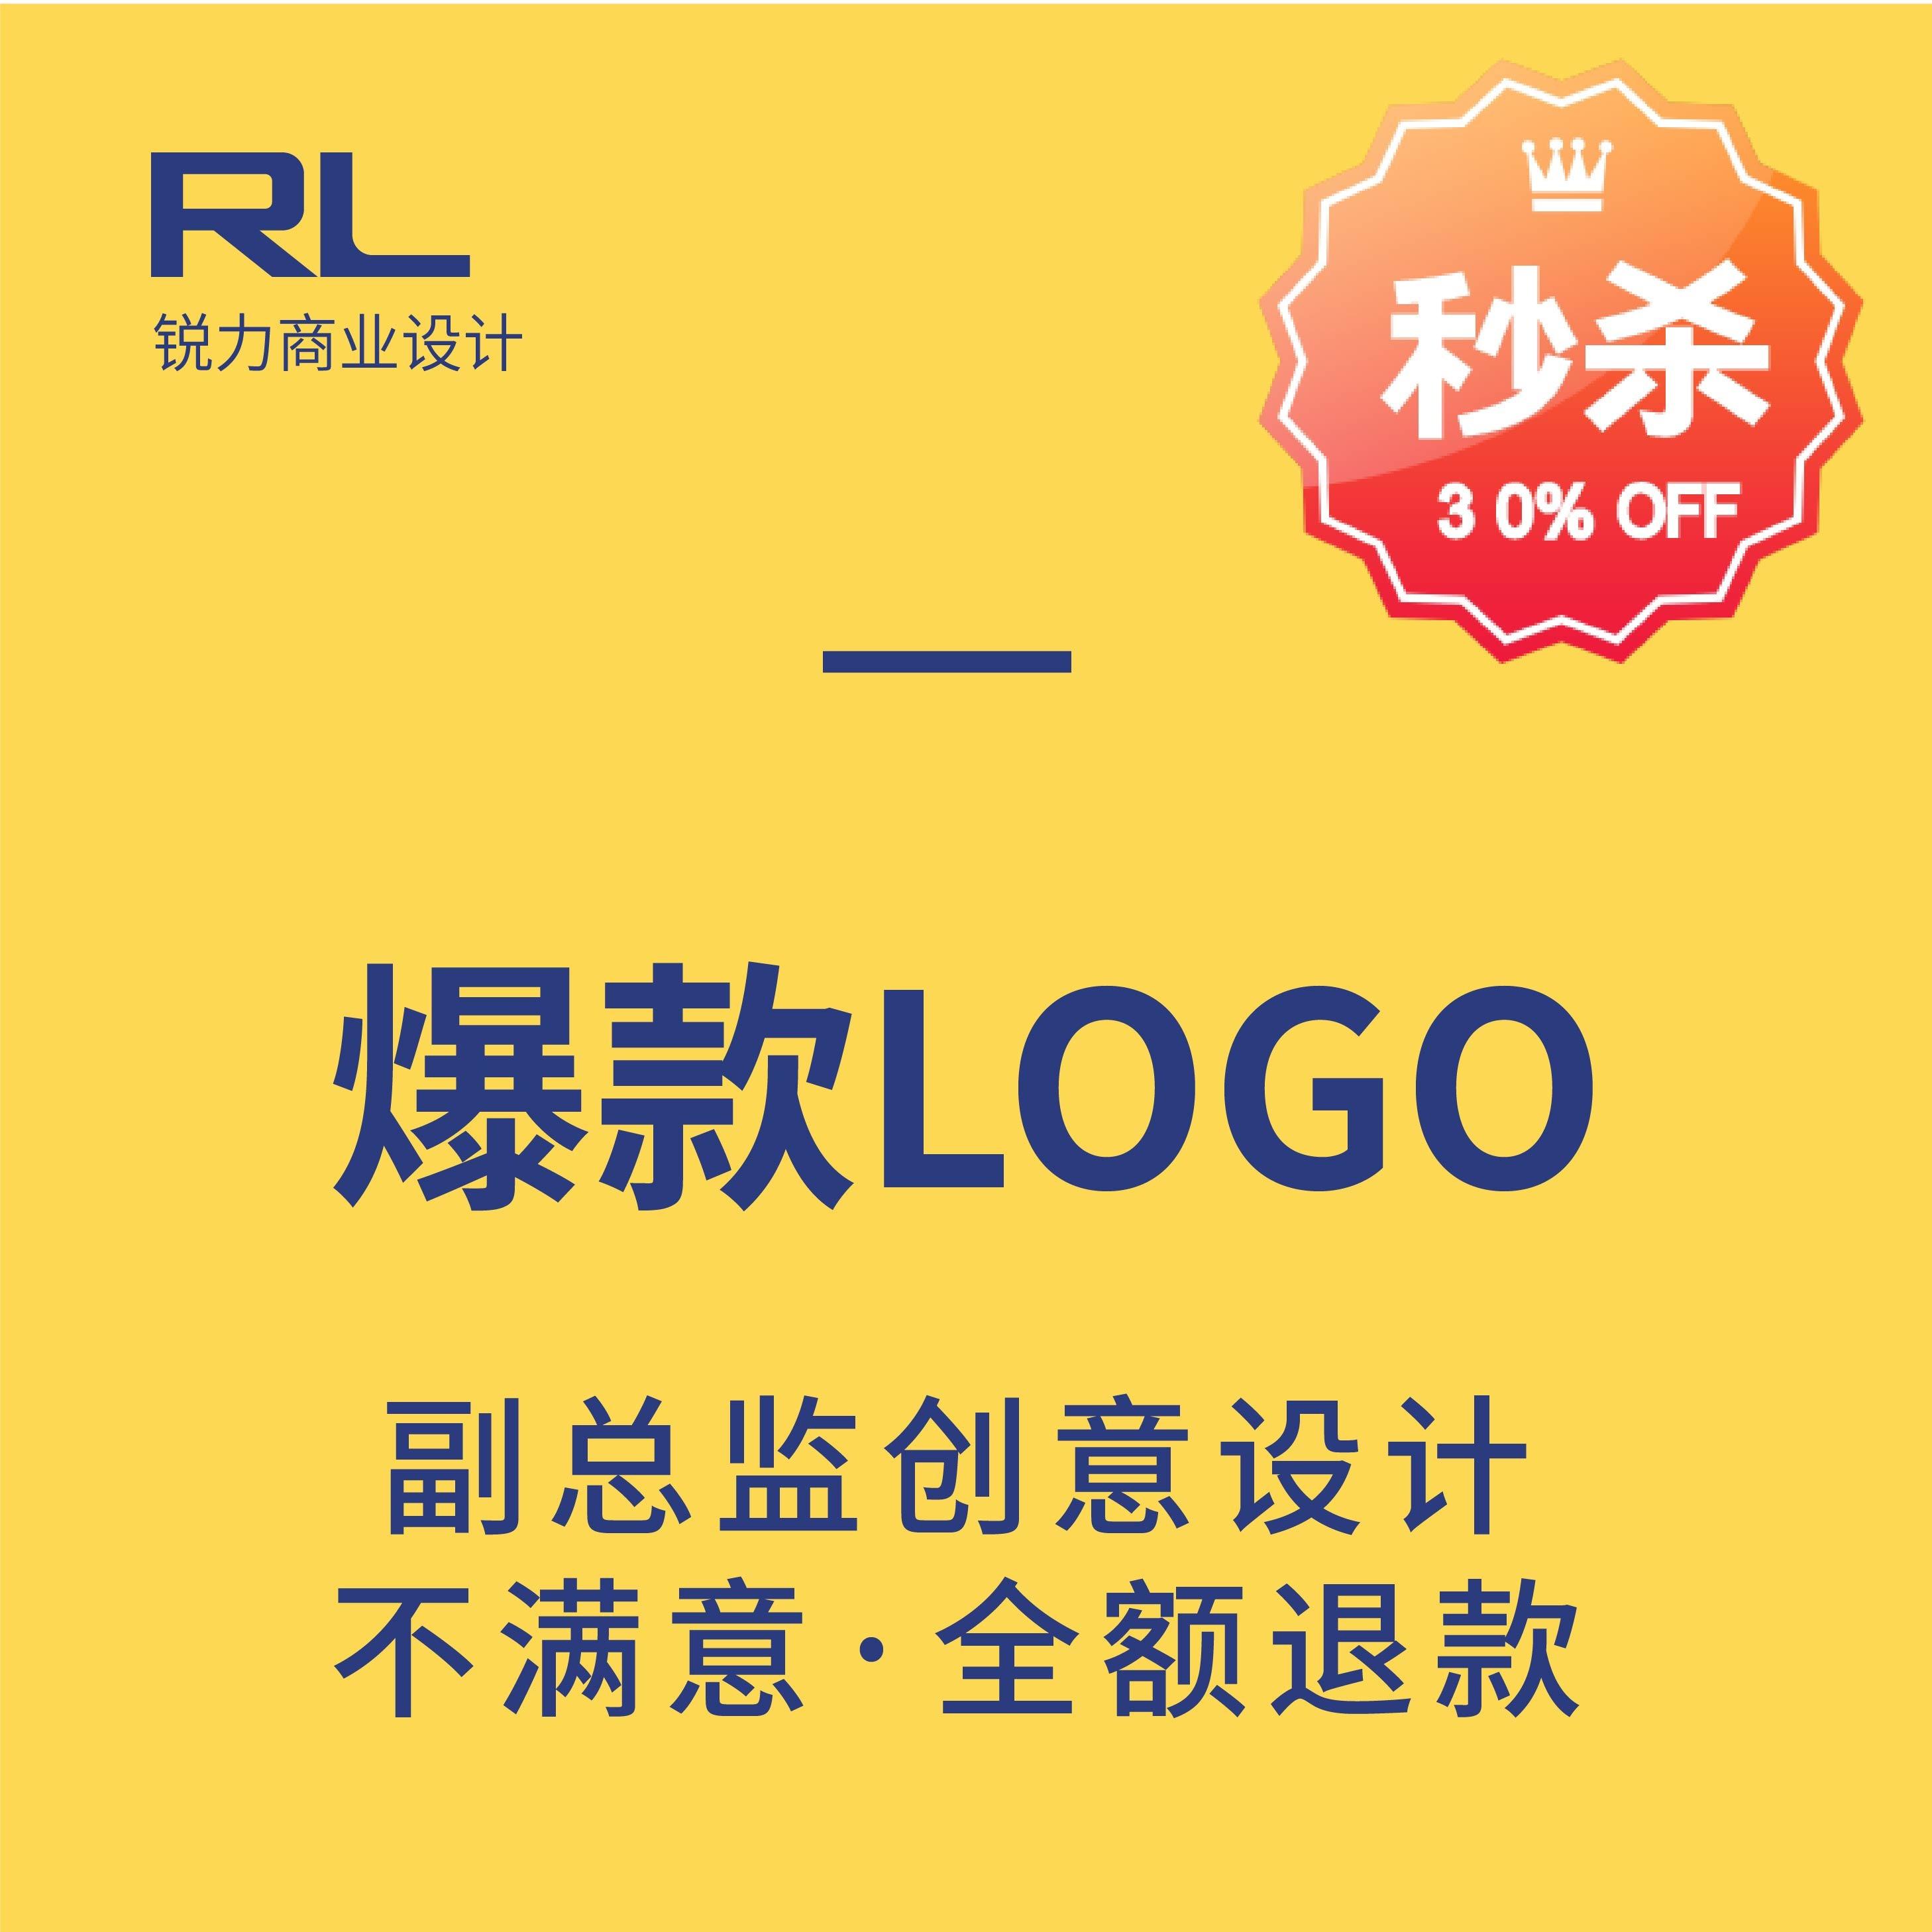 【爆款LOGO】工业品牌logo标志LOGO平面定制设计企业